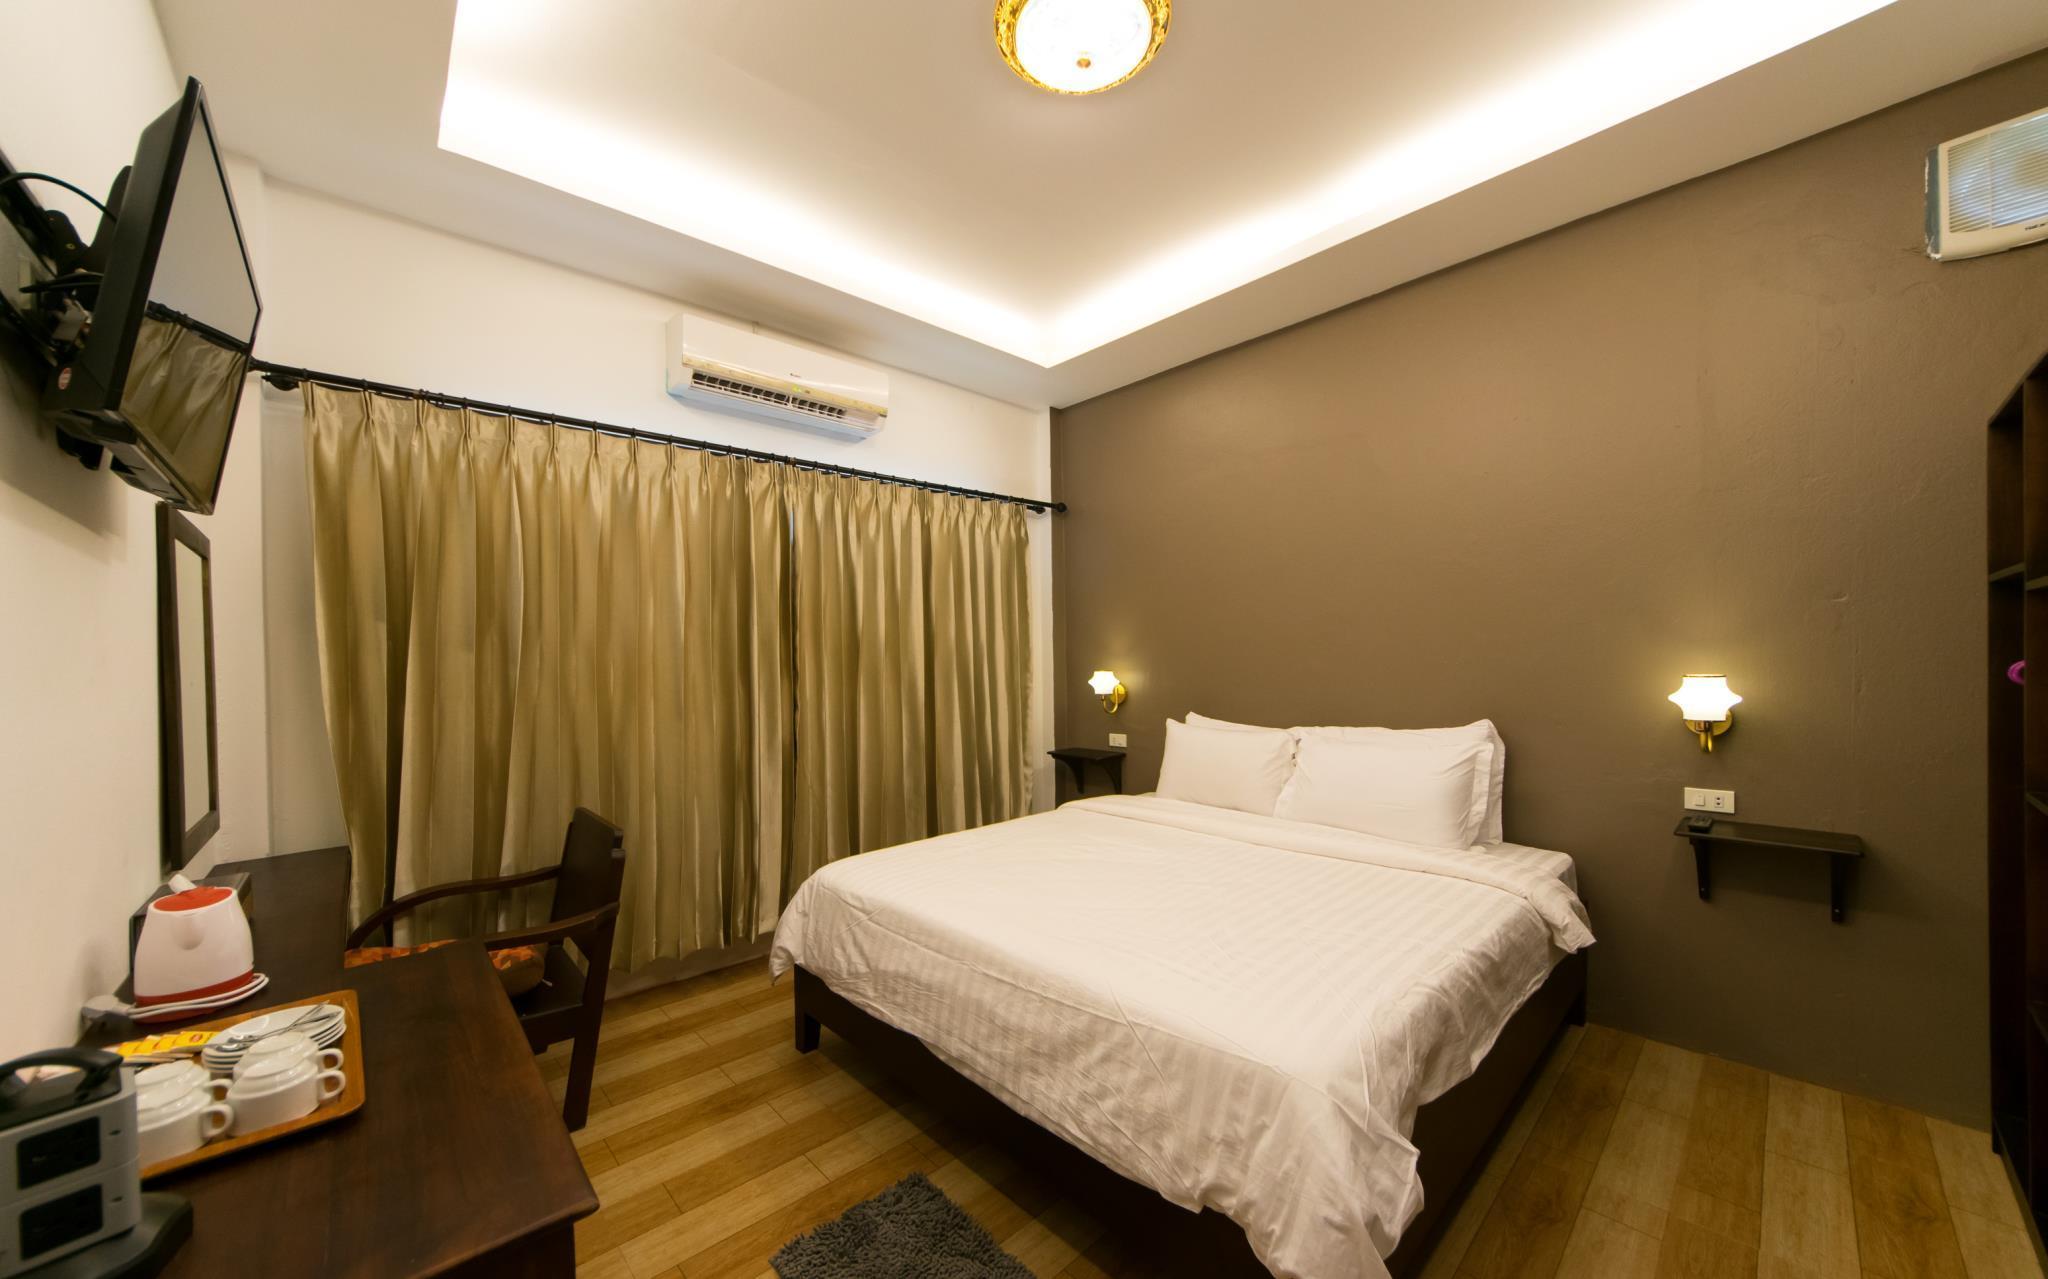 Mylaohome Hotel & Spa